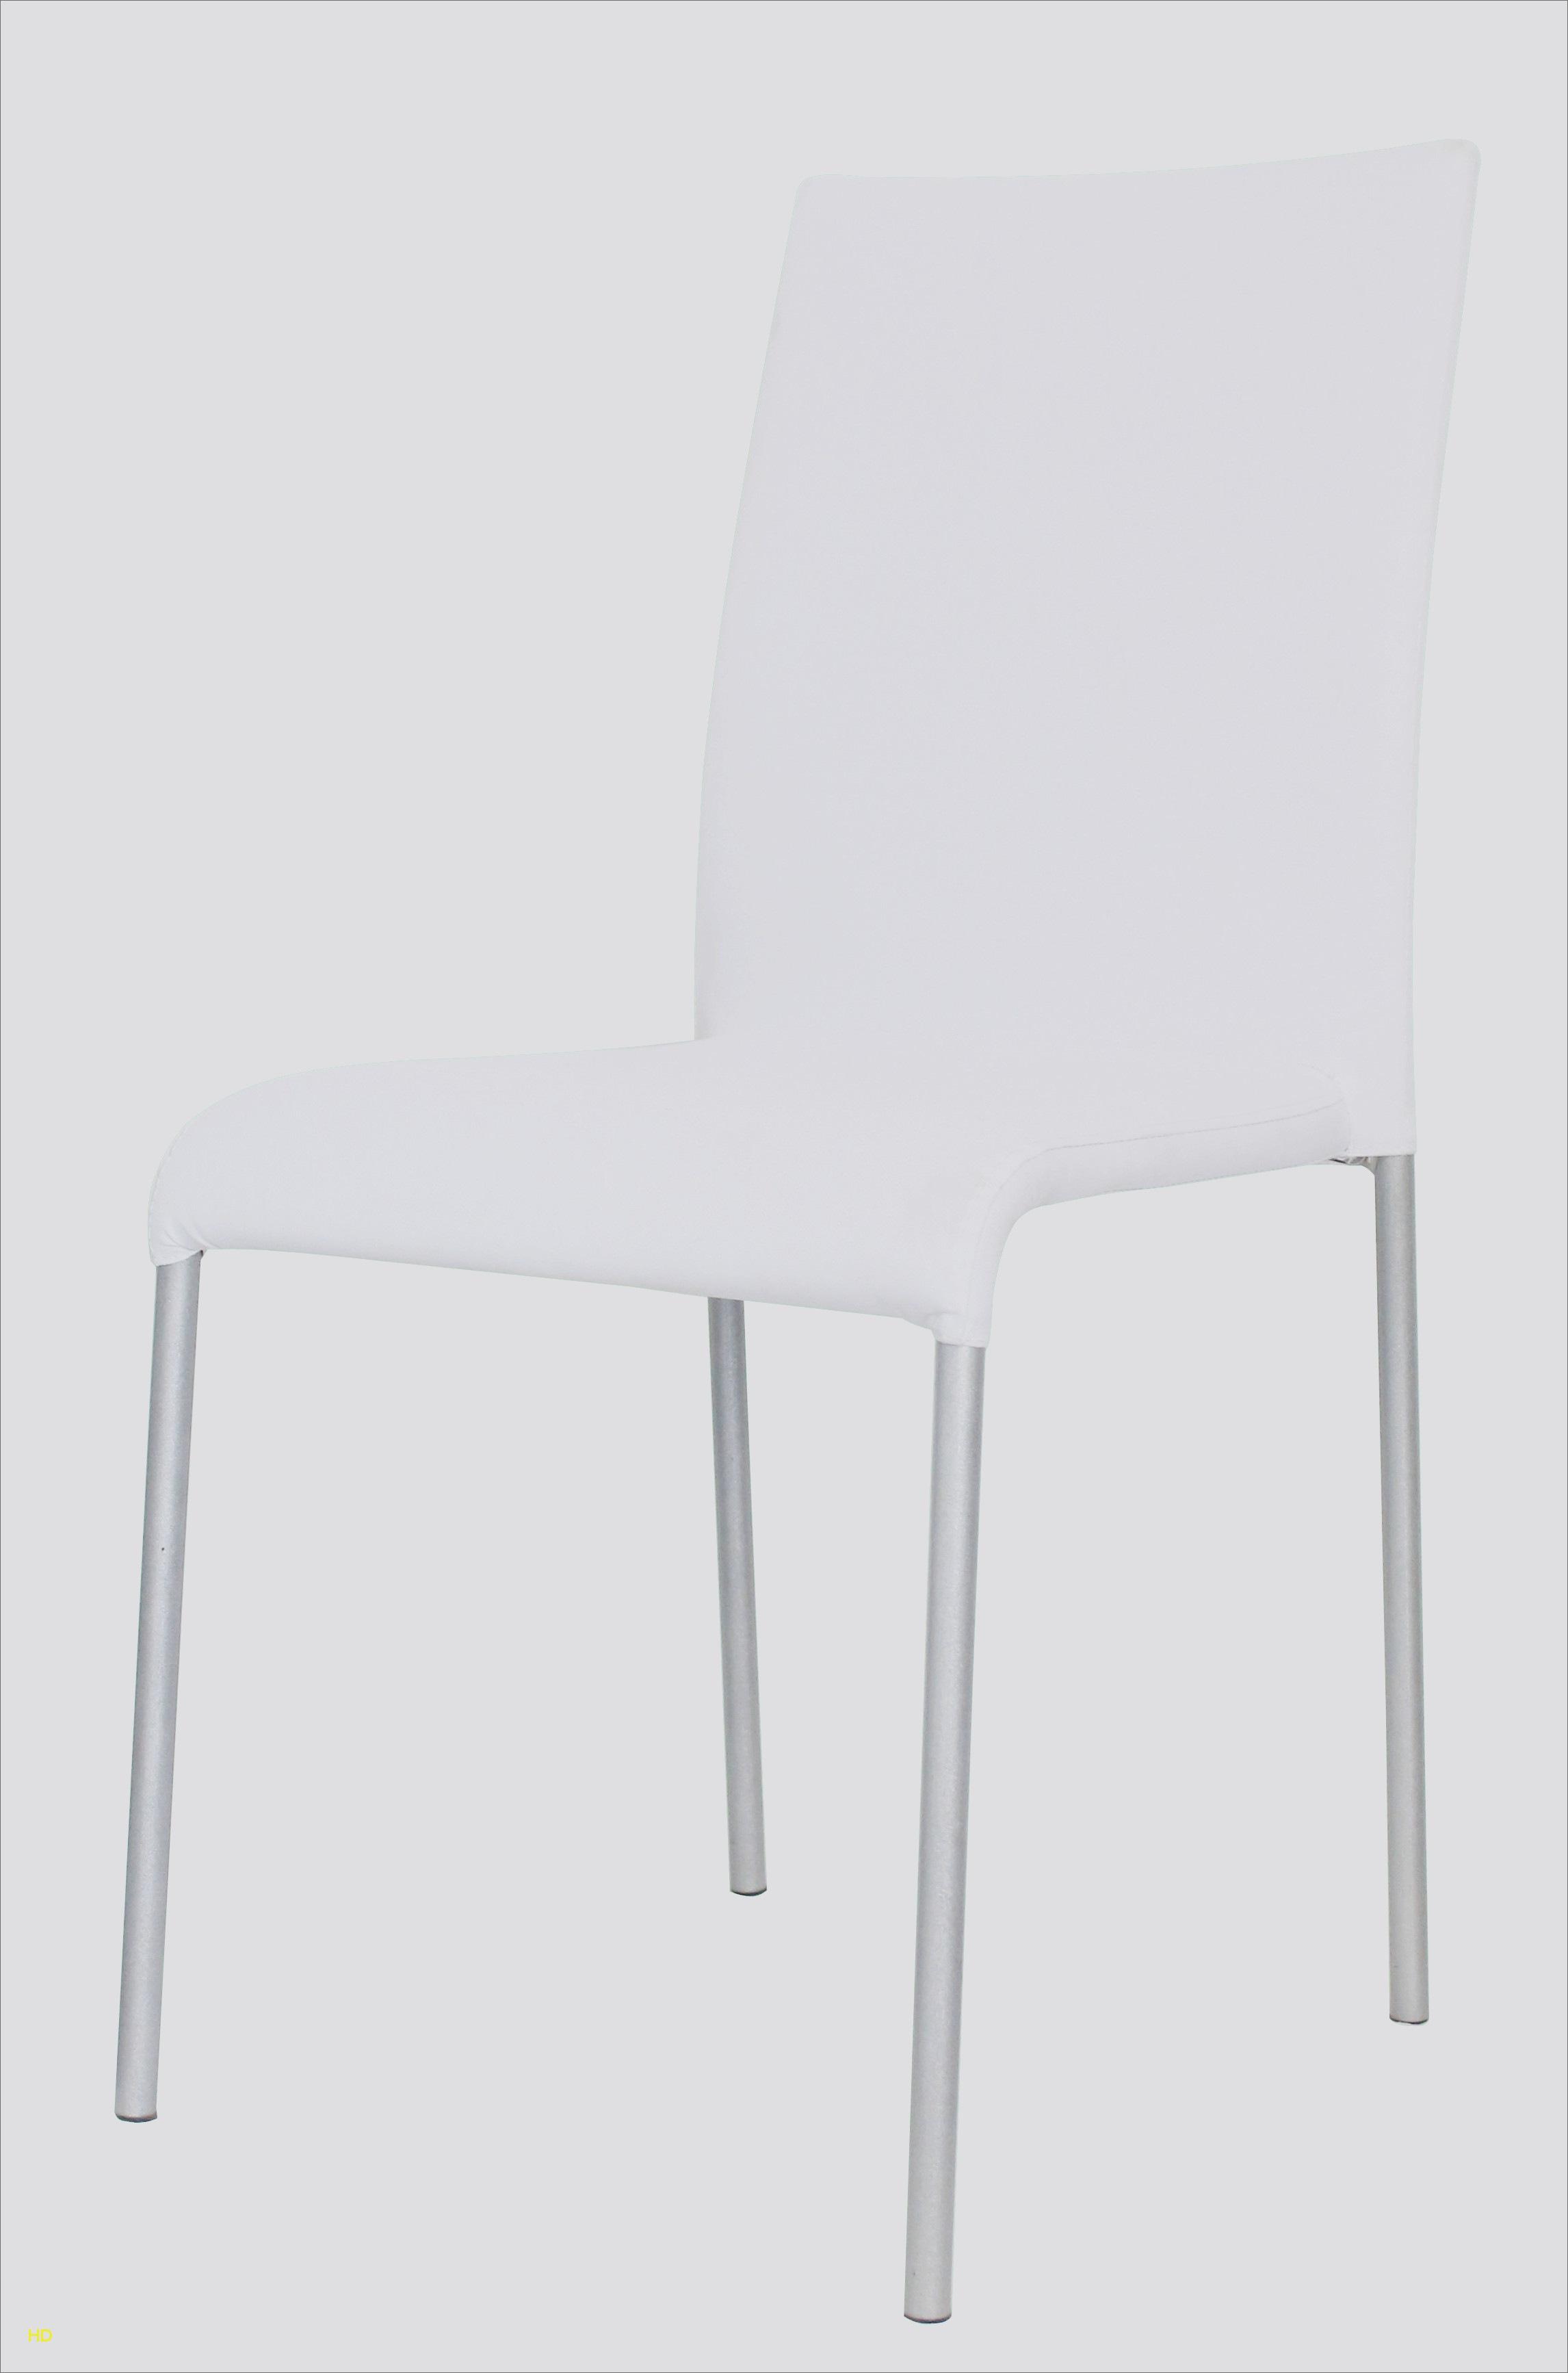 Chaise Transparente but Unique Photos Chaises Transparentes but Unique Location Chaise Chaise Blanche 0d